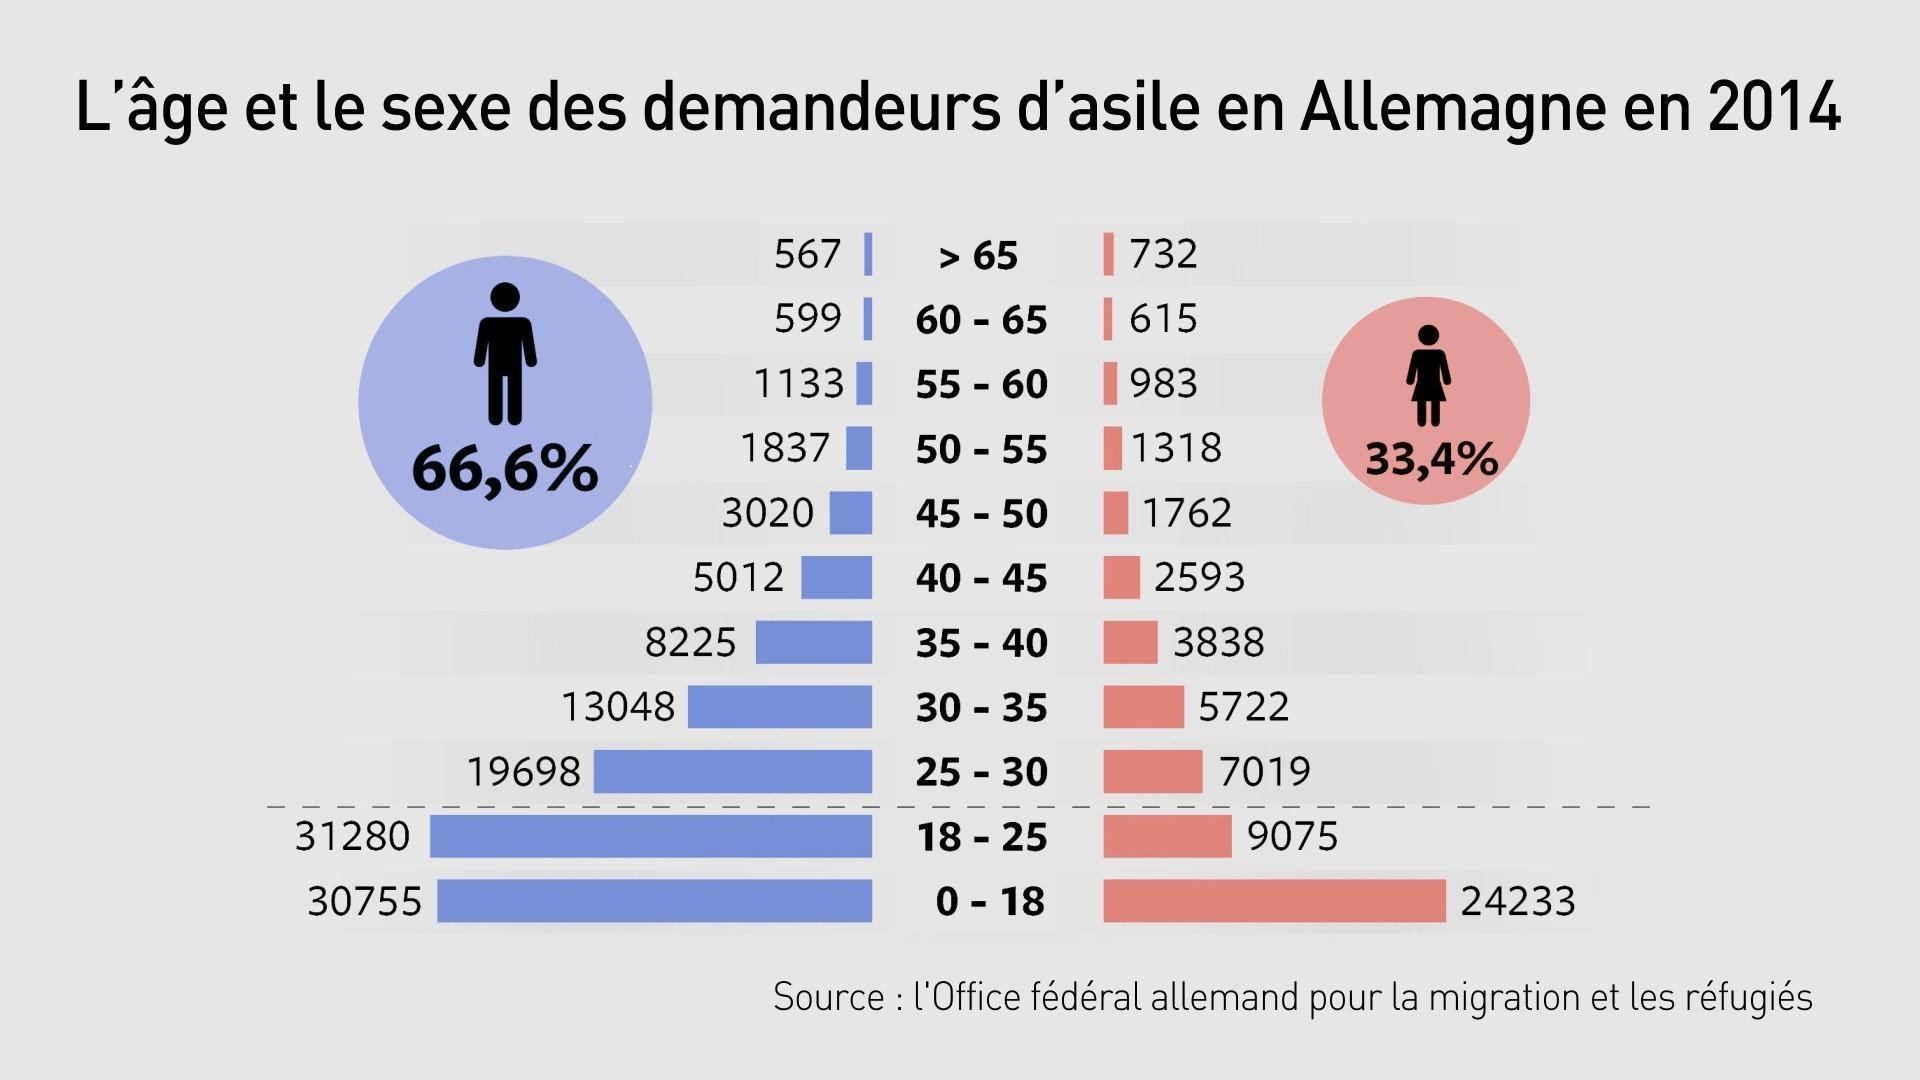 70% des réfugiés en Allemagne sont des hommes.